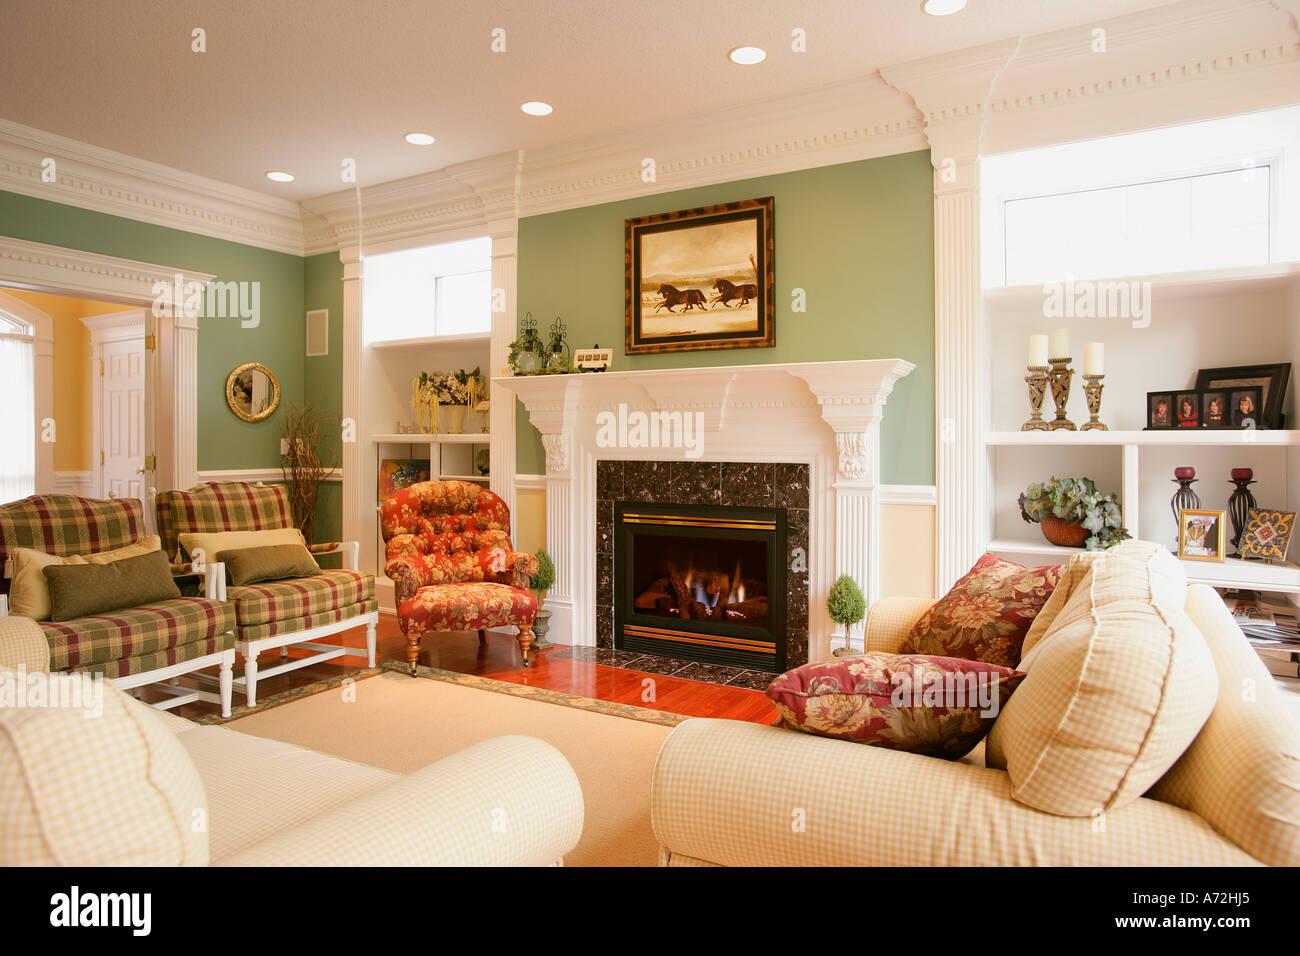 Stylish Sitting Room Stock Photo, Royalty Free Image: 6687460 - Alamy